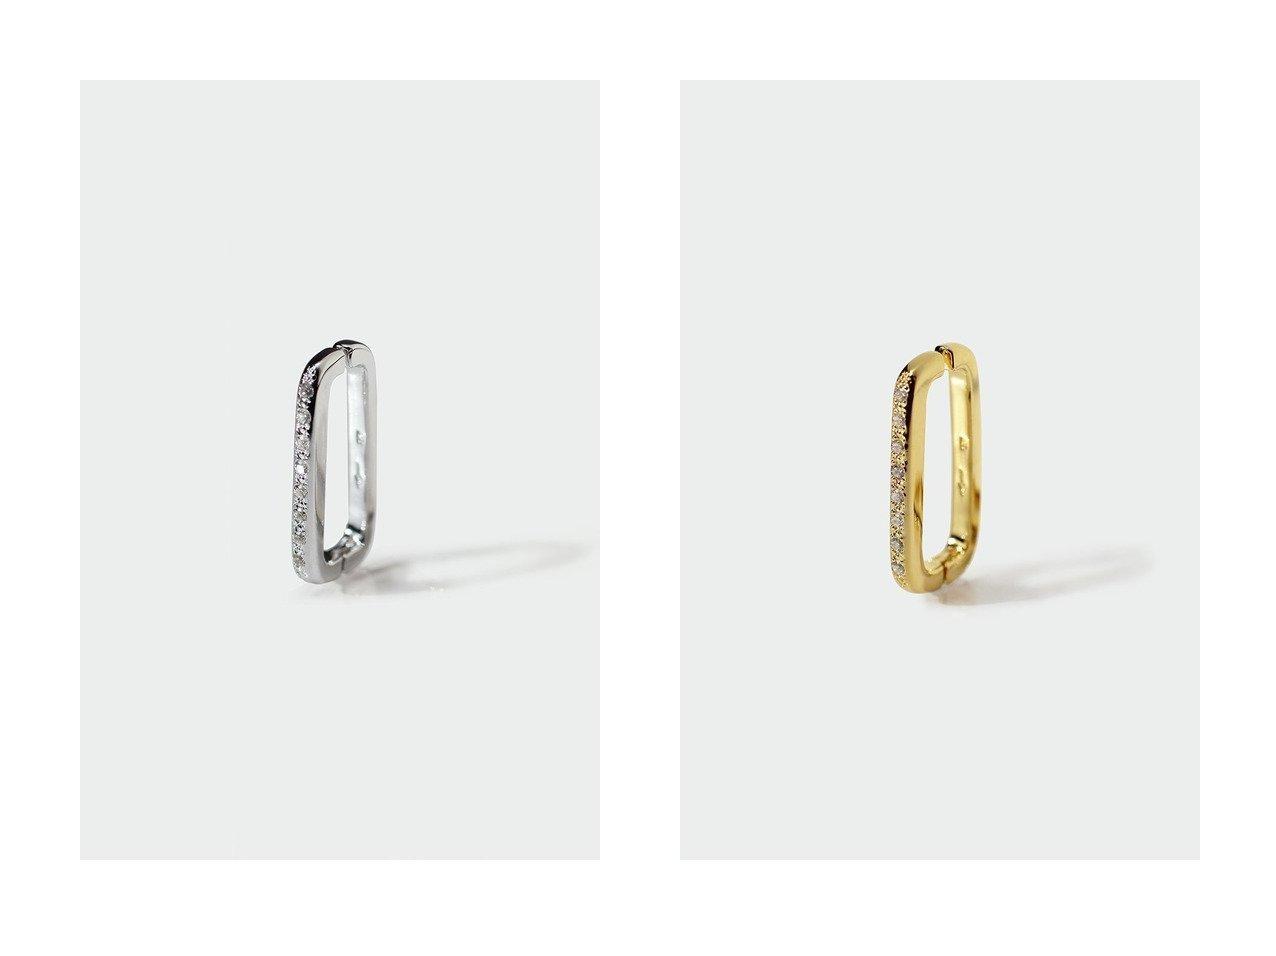 【AYAMI jewelry/アヤミ ジュエリー】のRectangle イヤリング(片耳用)&Rectangle イヤリング(片耳用) 【アクセサリー・ジュエリー】おすすめ!人気、トレンド・レディースファッションの通販 おすすめで人気の流行・トレンド、ファッションの通販商品 インテリア・家具・メンズファッション・キッズファッション・レディースファッション・服の通販 founy(ファニー) https://founy.com/ ファッション Fashion レディースファッション WOMEN ジュエリー Jewelry リング Rings イヤリング Earrings イヤリング 再入荷 Restock/Back in Stock/Re Arrival 片耳  ID:crp329100000072214